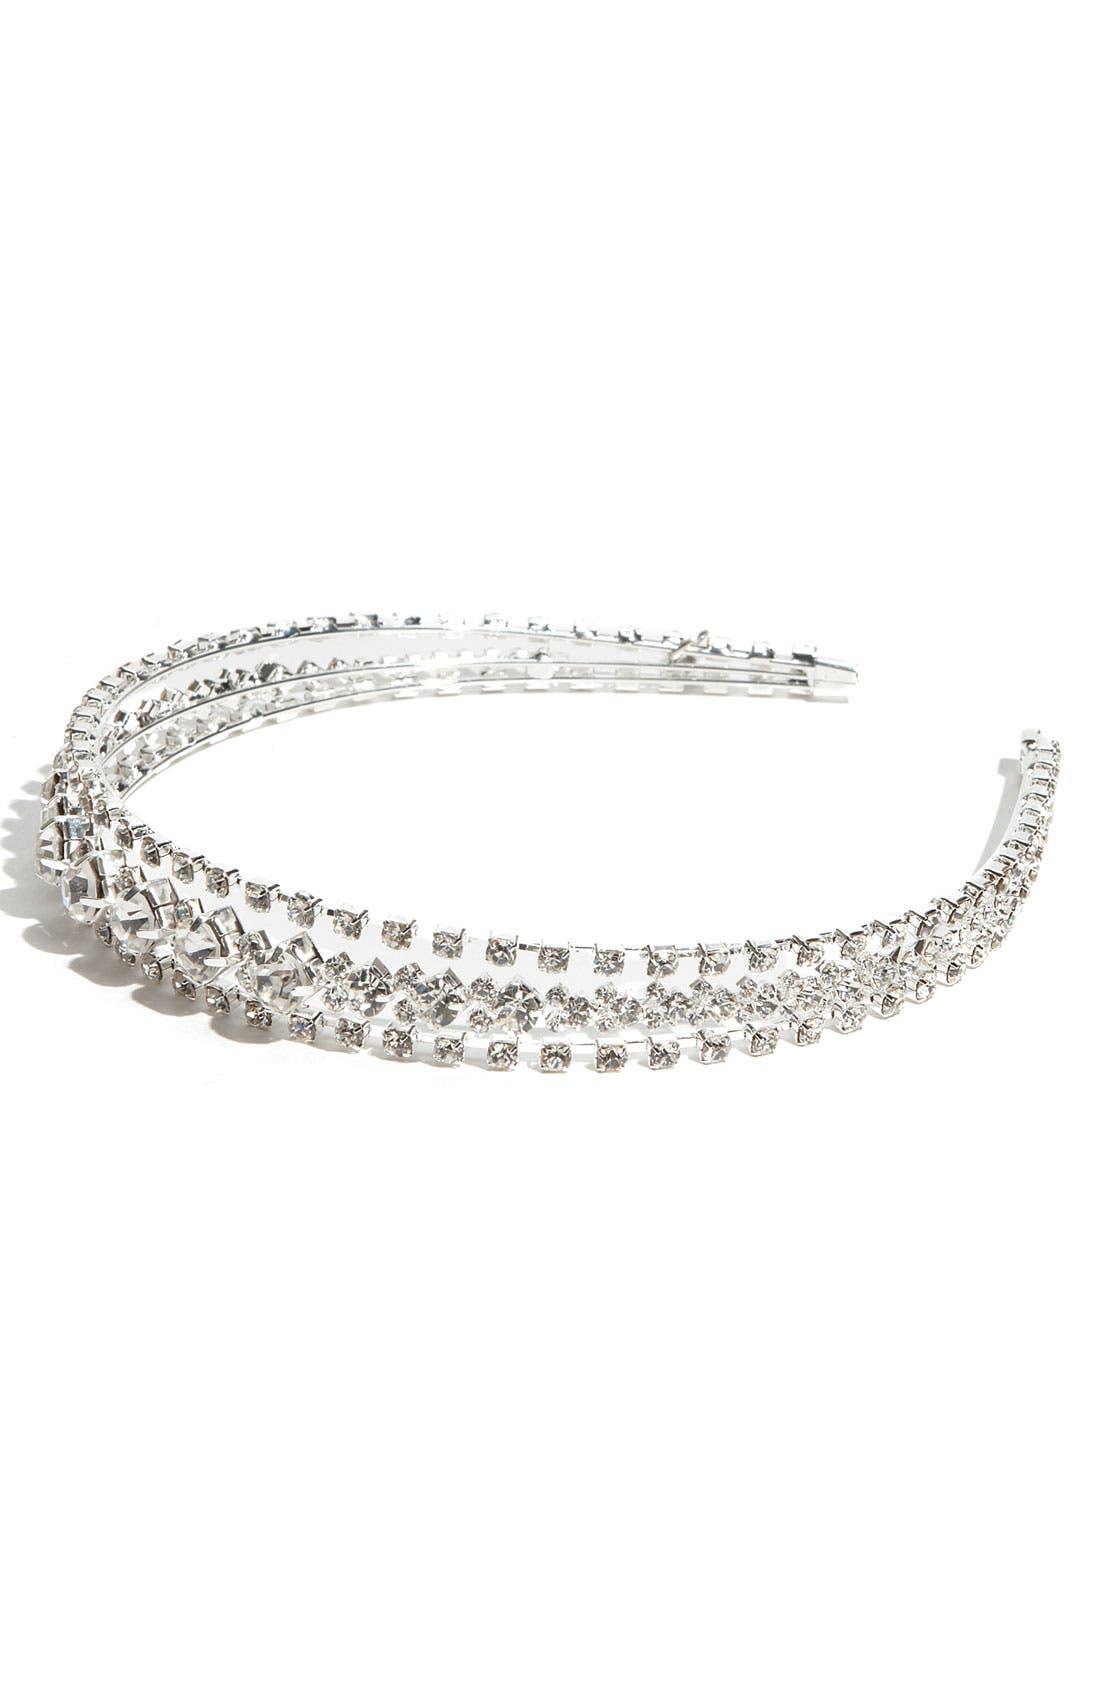 Alternate Image 1 Selected - Tasha 'Triple Crystal' Headband